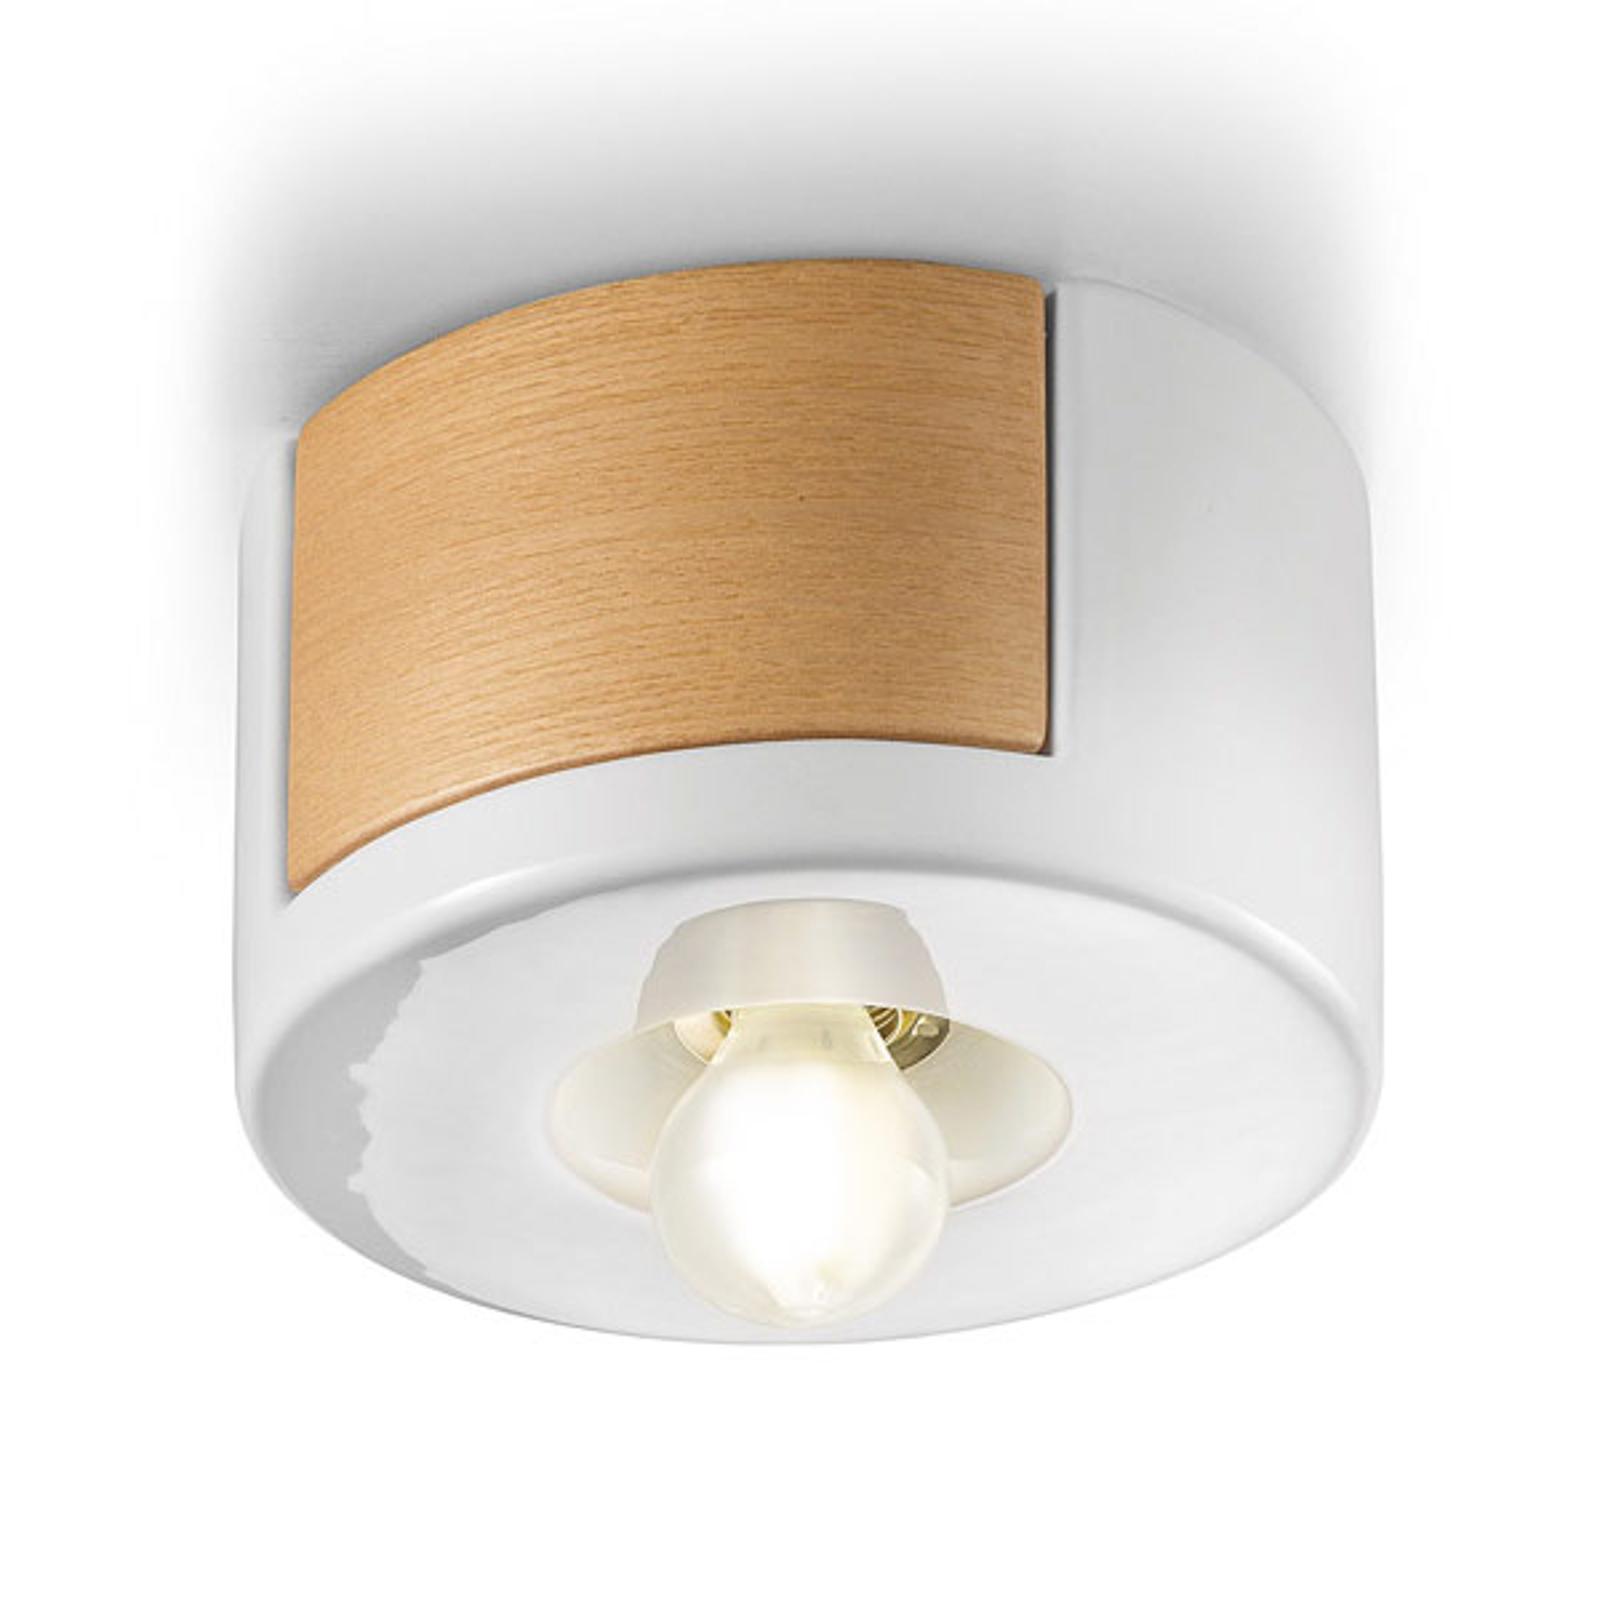 Deckenlampe C1791 Im Skandinavischen Stil Kaufen Lampenwelt Ch